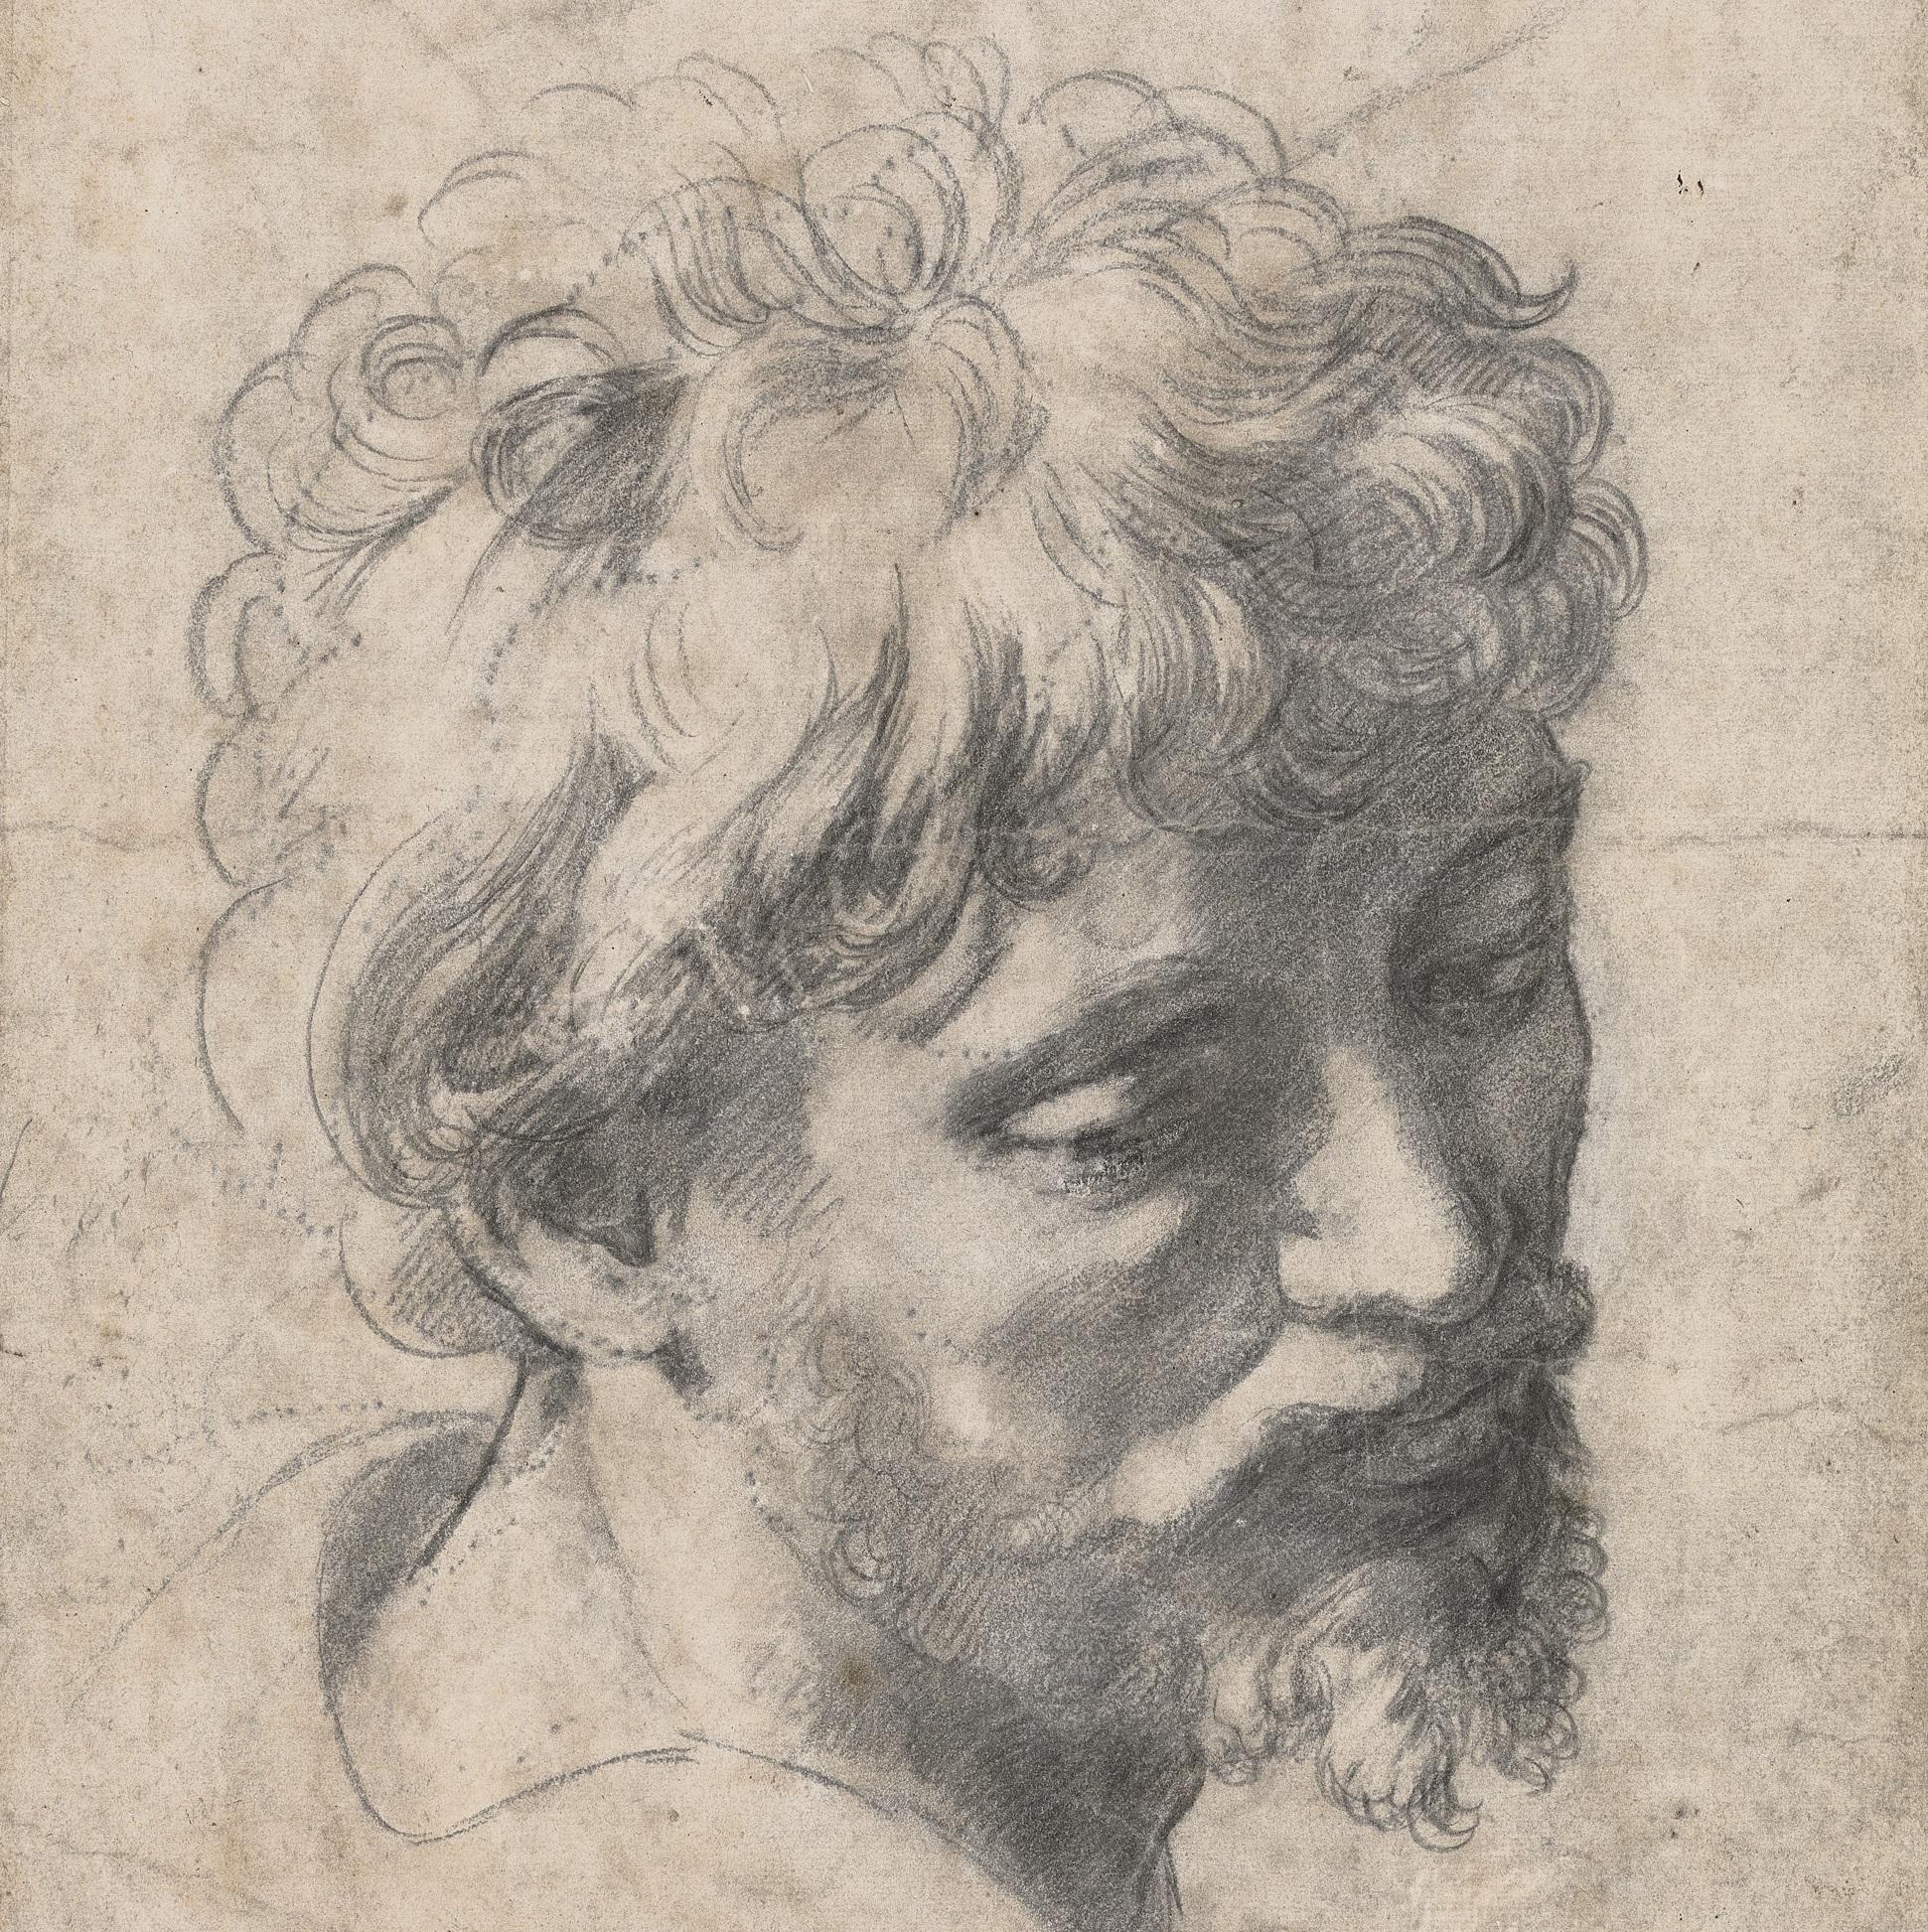 L'immortale eredità di Raffaello. Le nuove date della mostra alla National Gallery di Londra